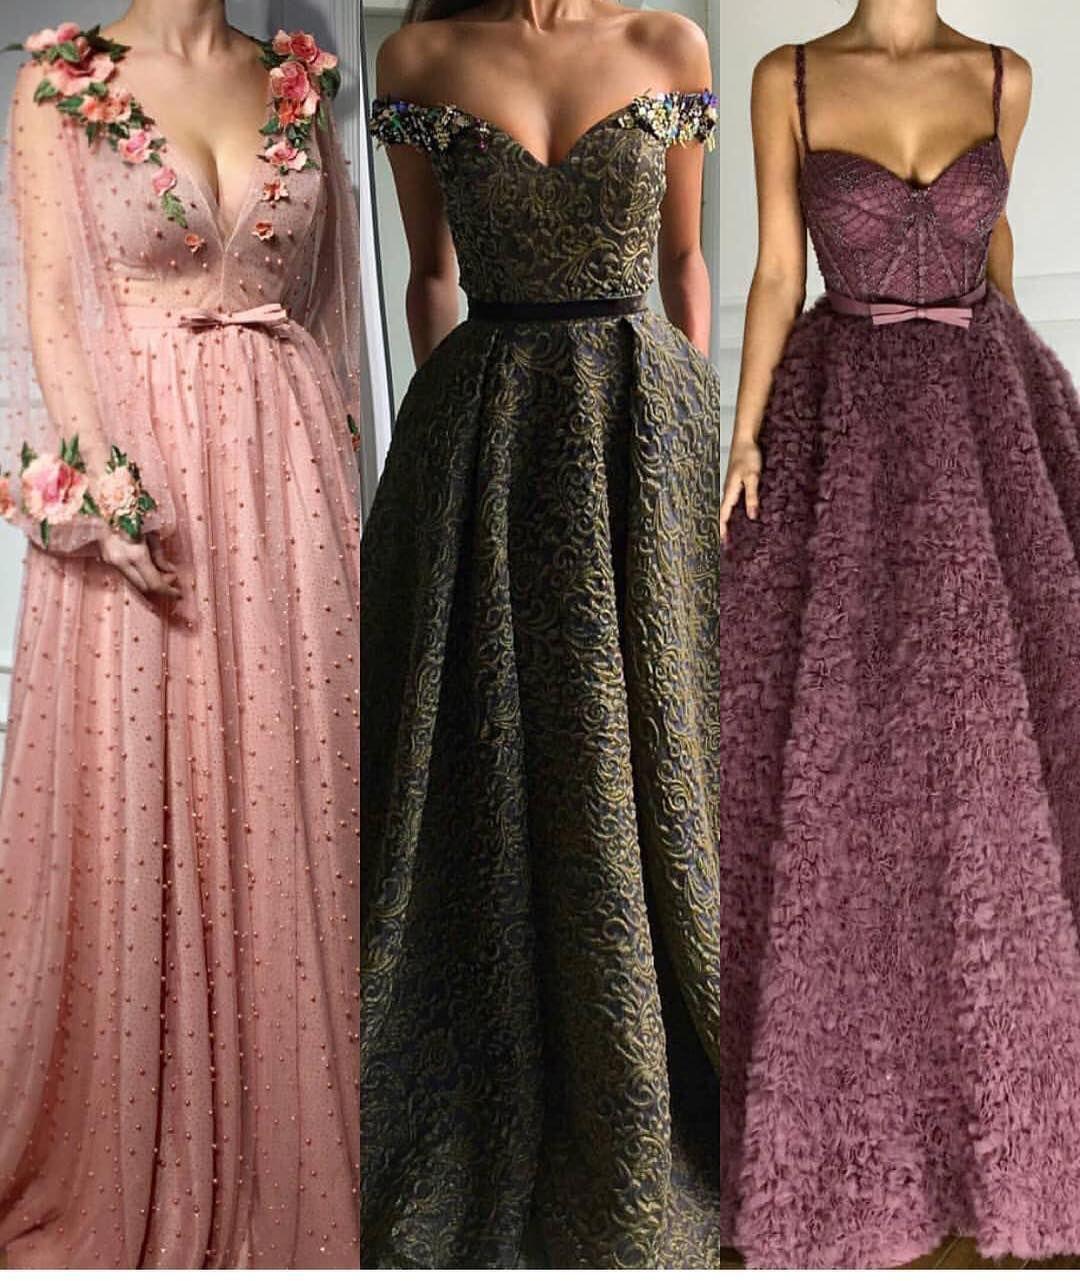 A Href Https Aticpay Com Mobile 모바일카지노 A A Href Https Aticpay Com Pilin 필리핀카지노 A A Href Https Aticpa Dresses Pretty Dresses Evening Dresses